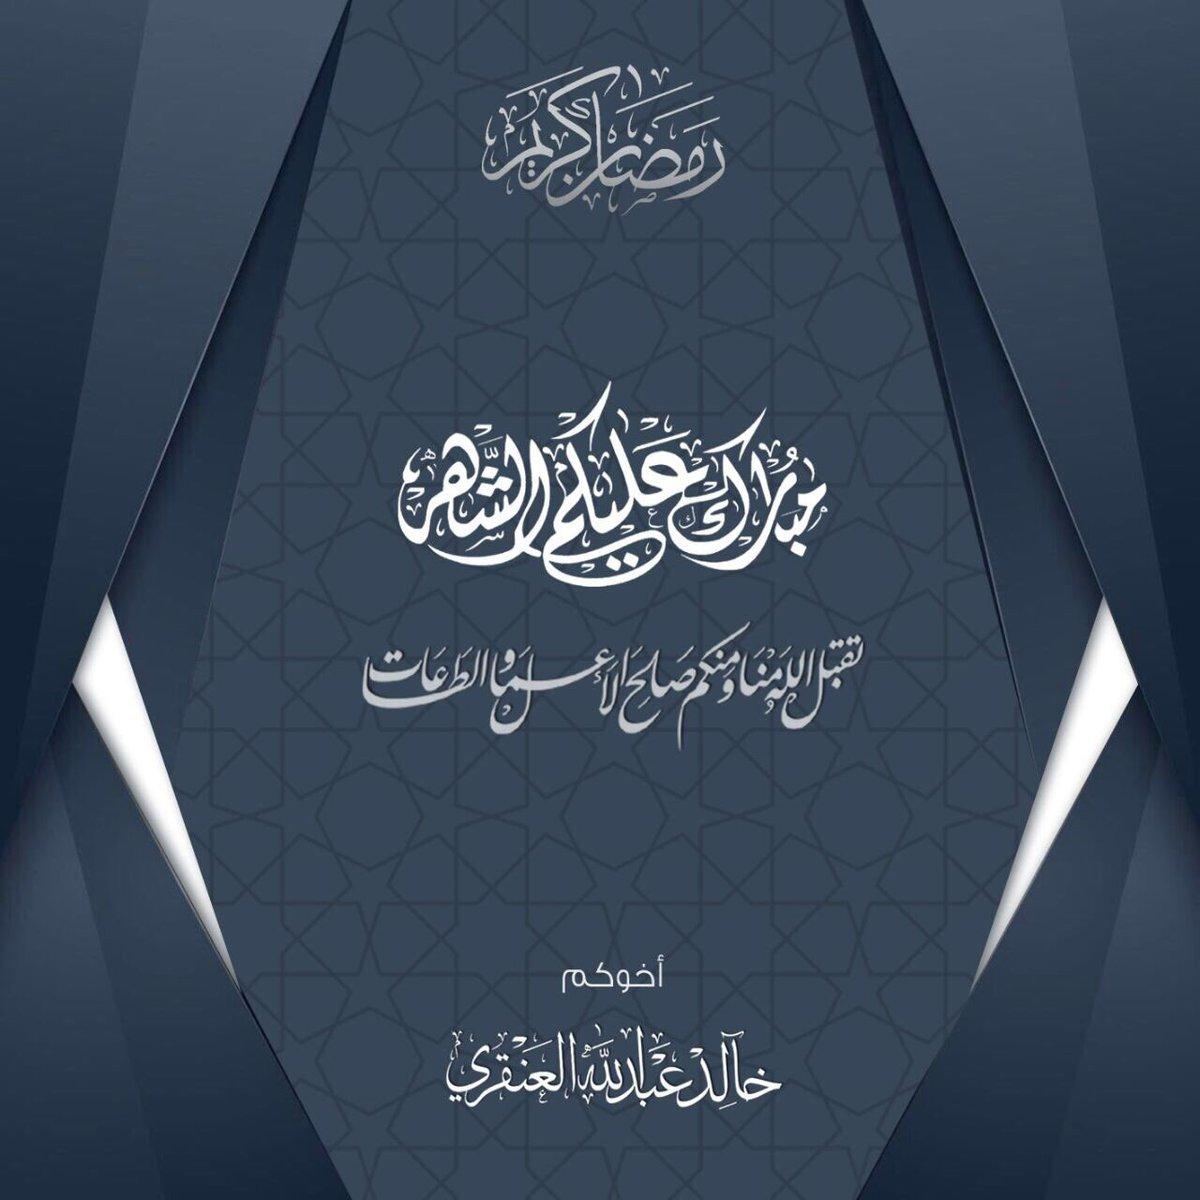 خالد عبدالله العنقري On Twitter